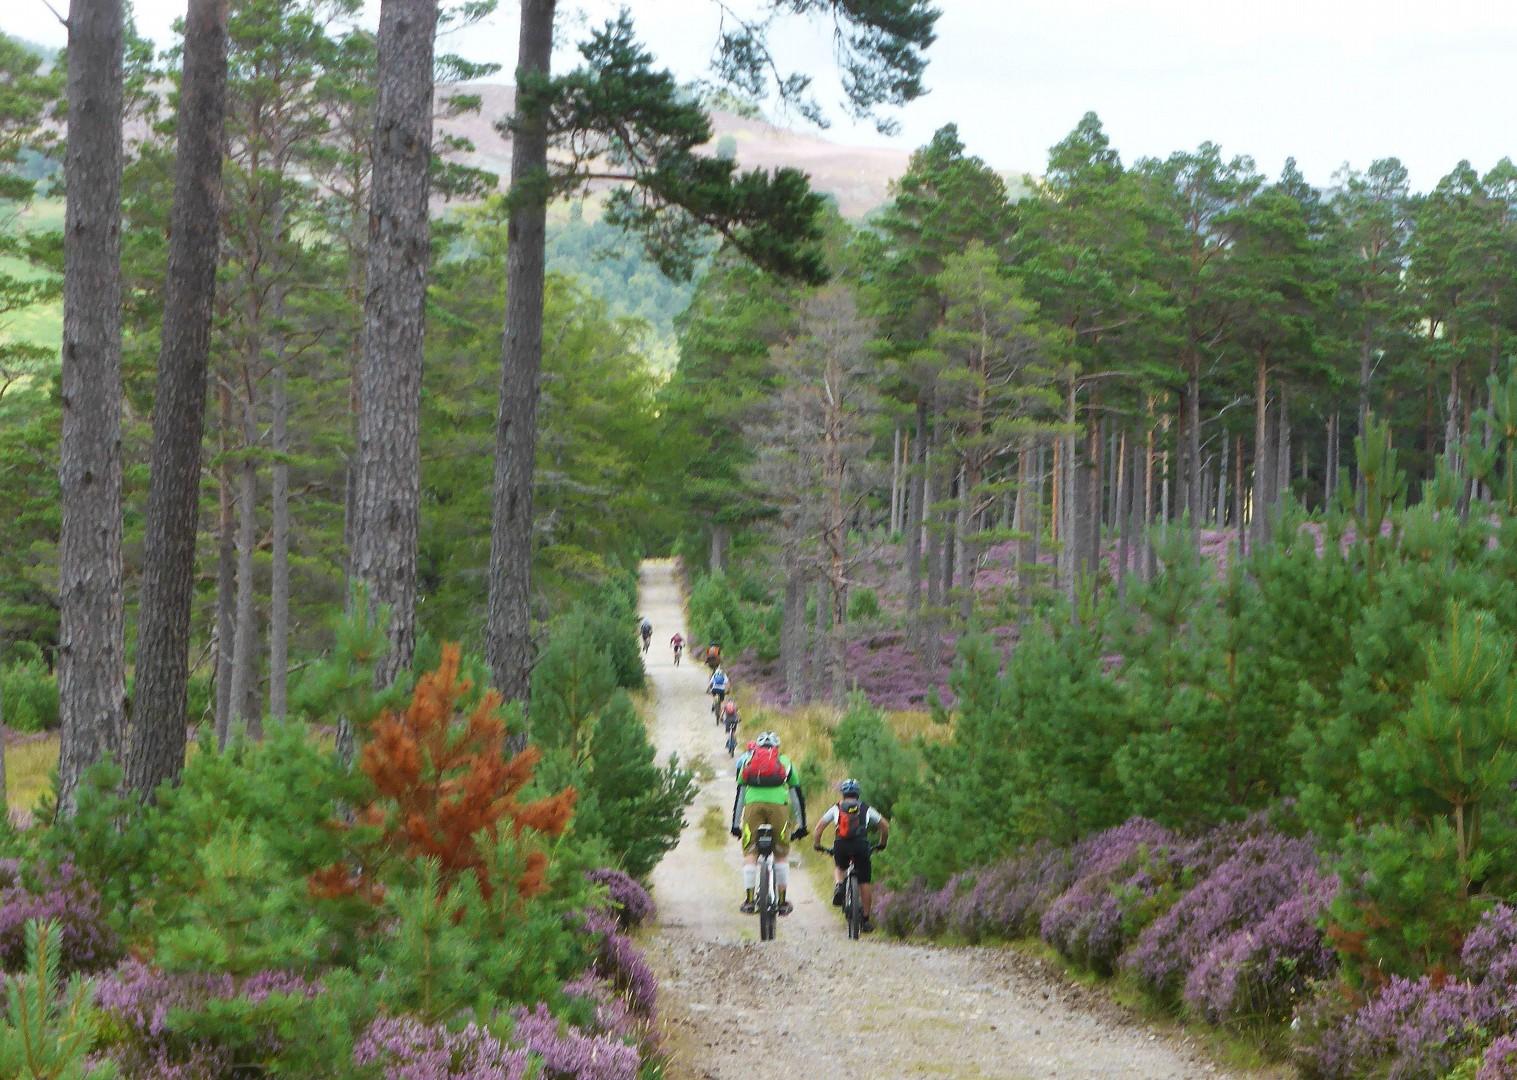 Scoția pe bicicletă - prin pădure